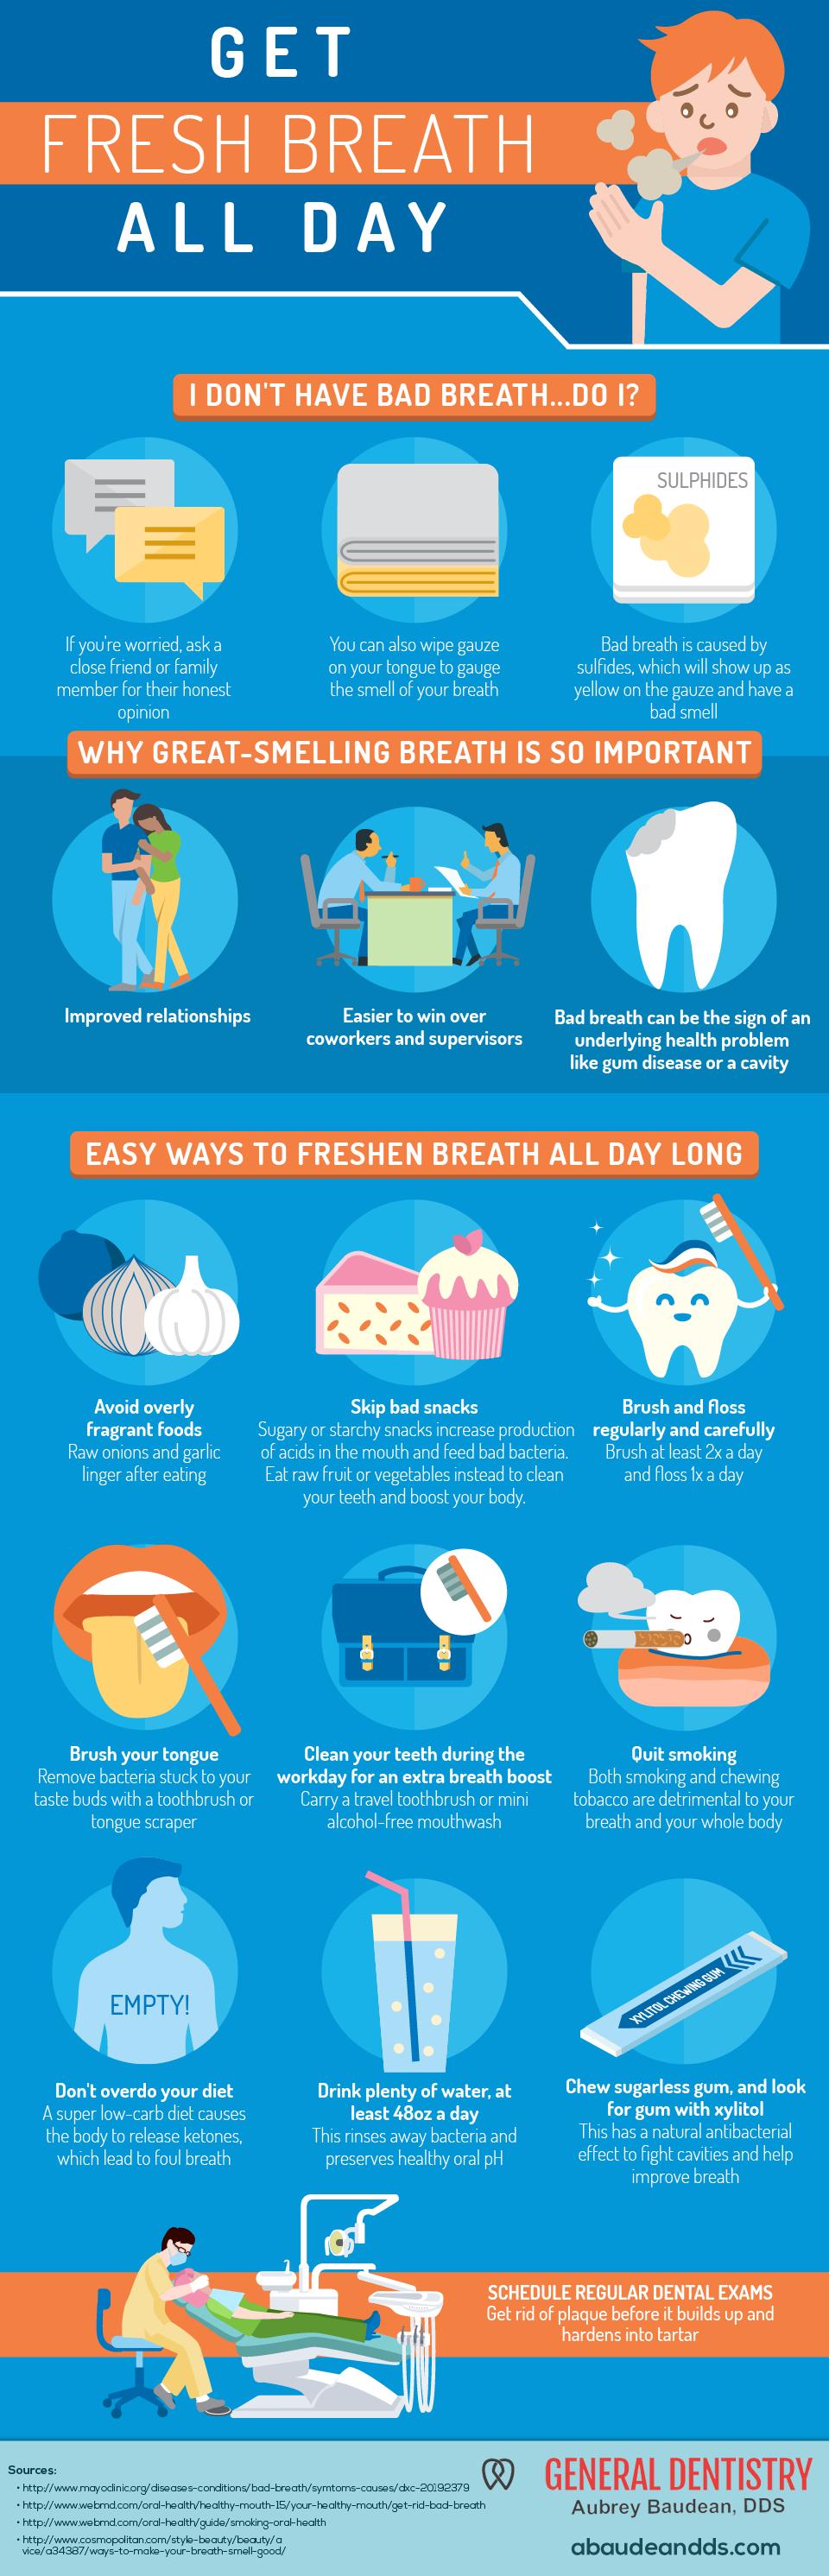 How to Get Fresh Breath at Home #freshbreath #breath #badbreath